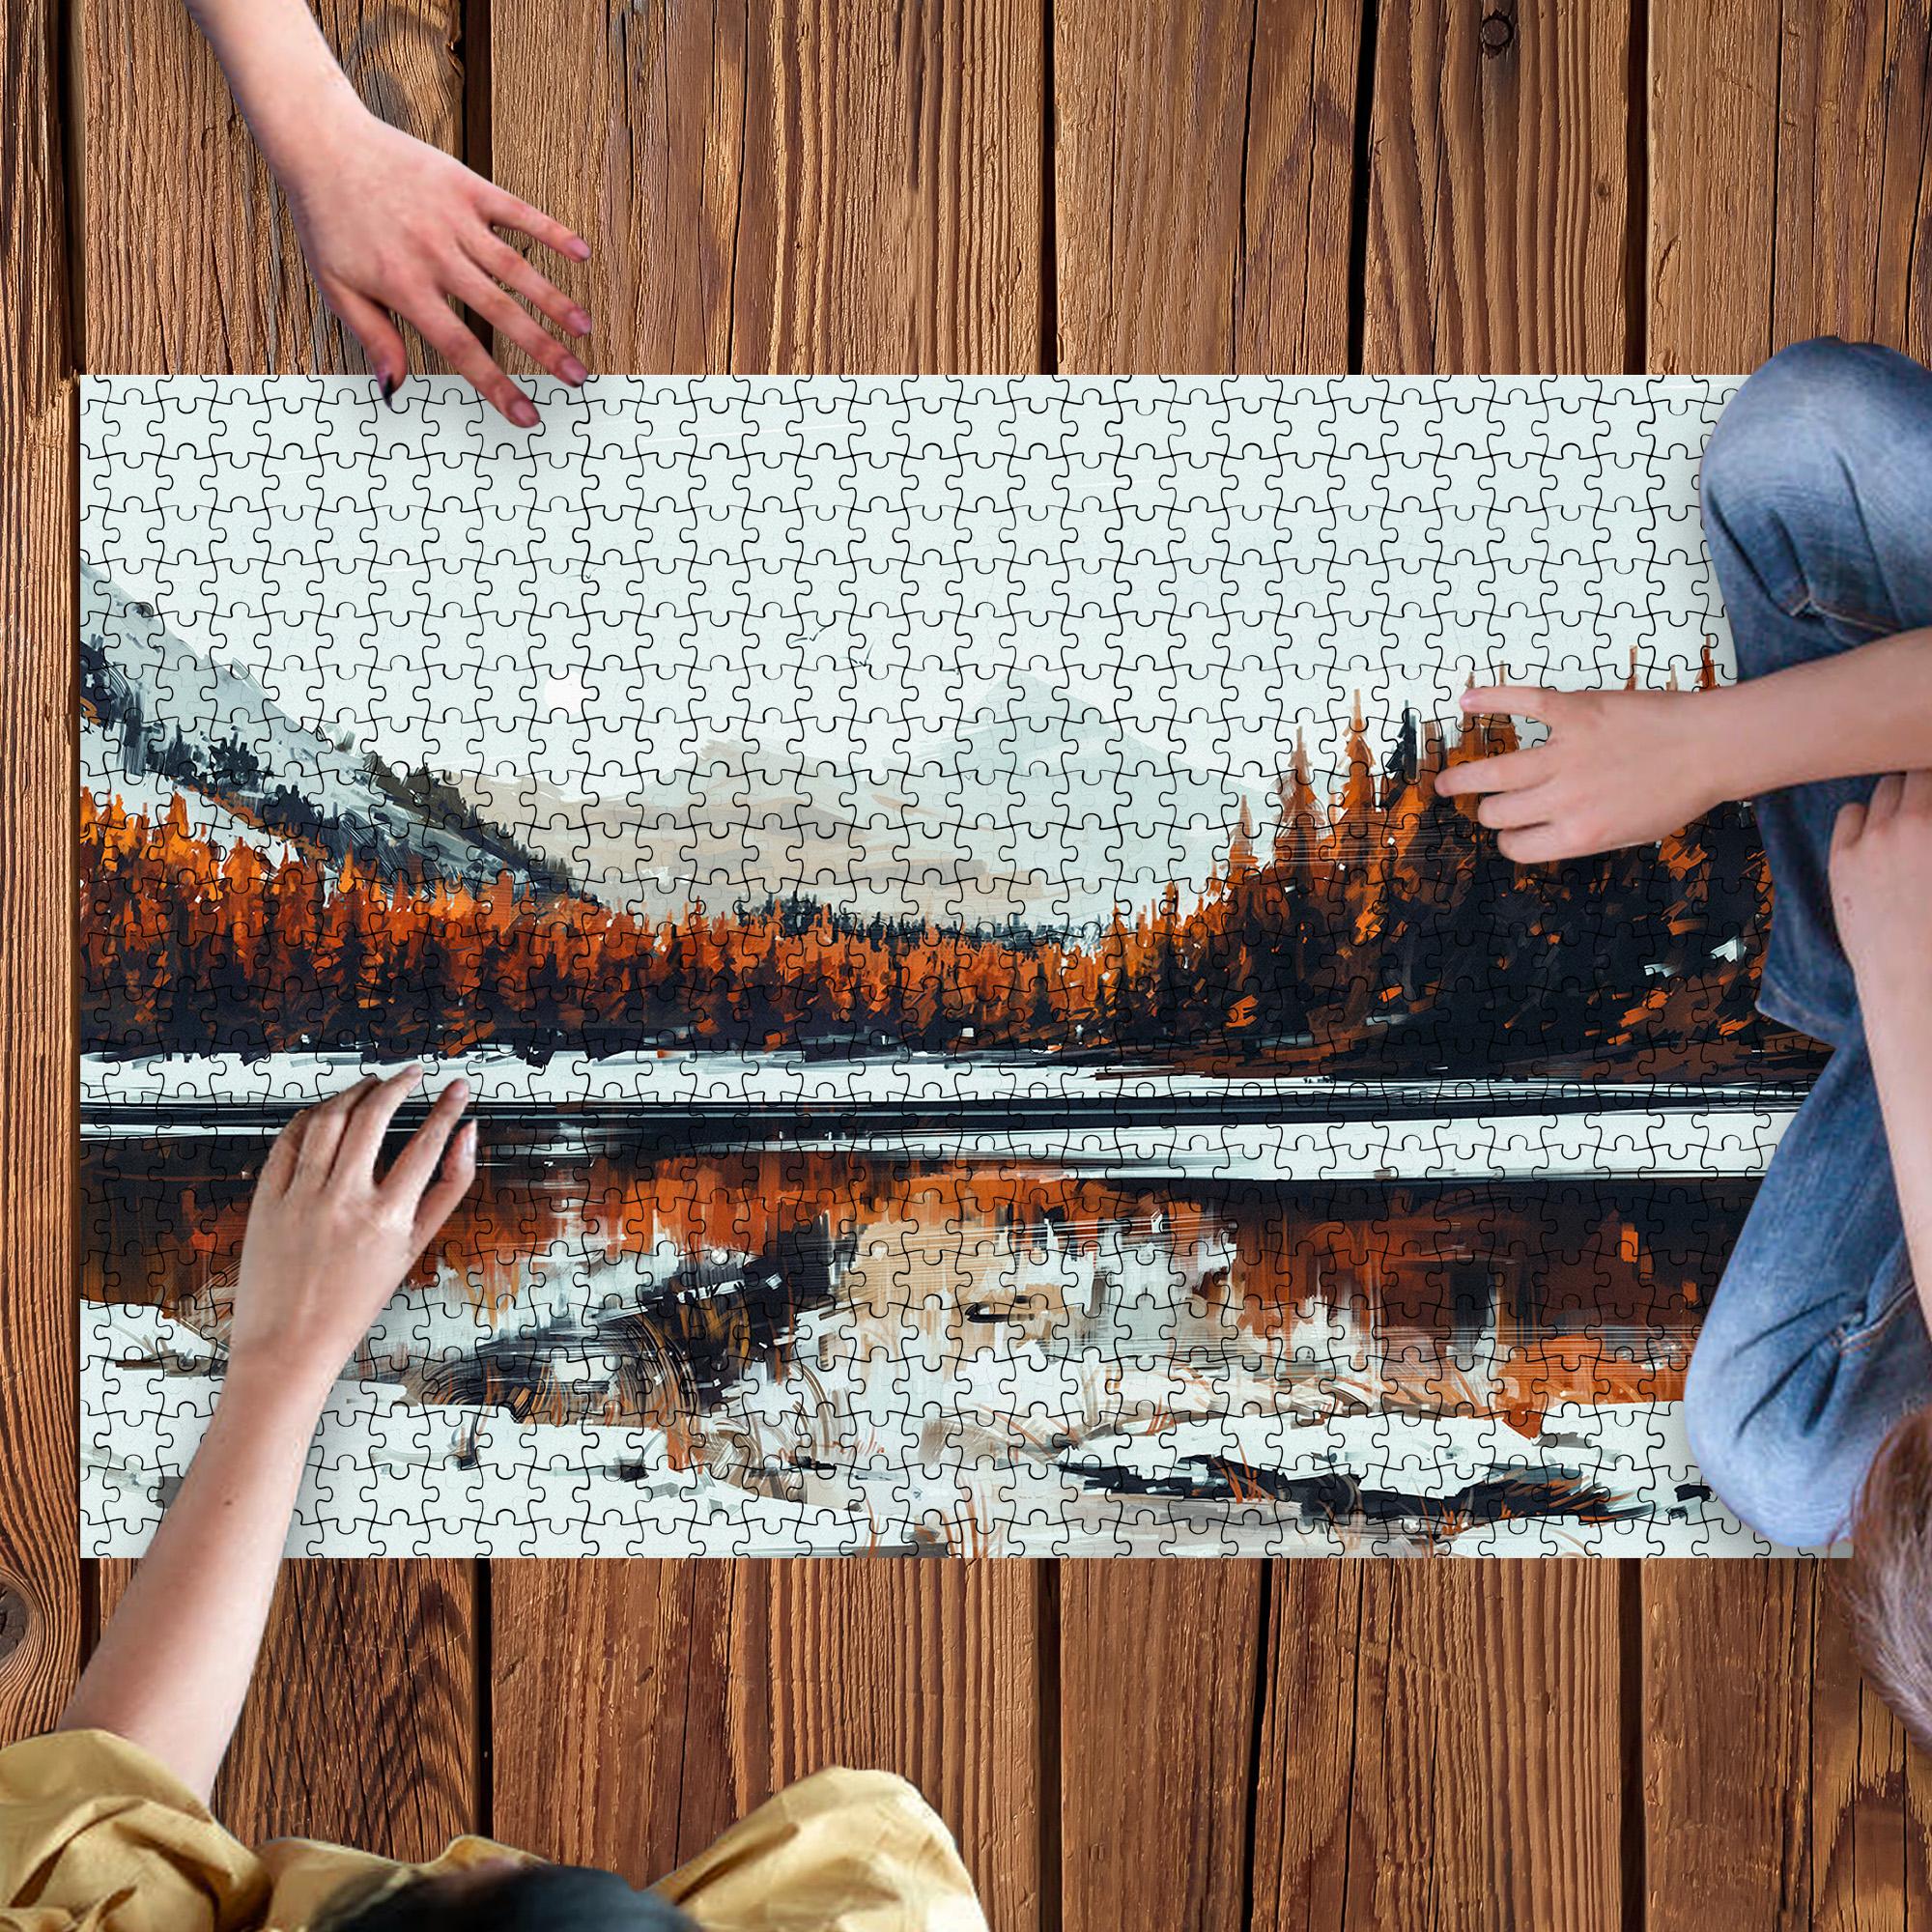 Tranh ghép hình - xếp hình 1000 mảnh